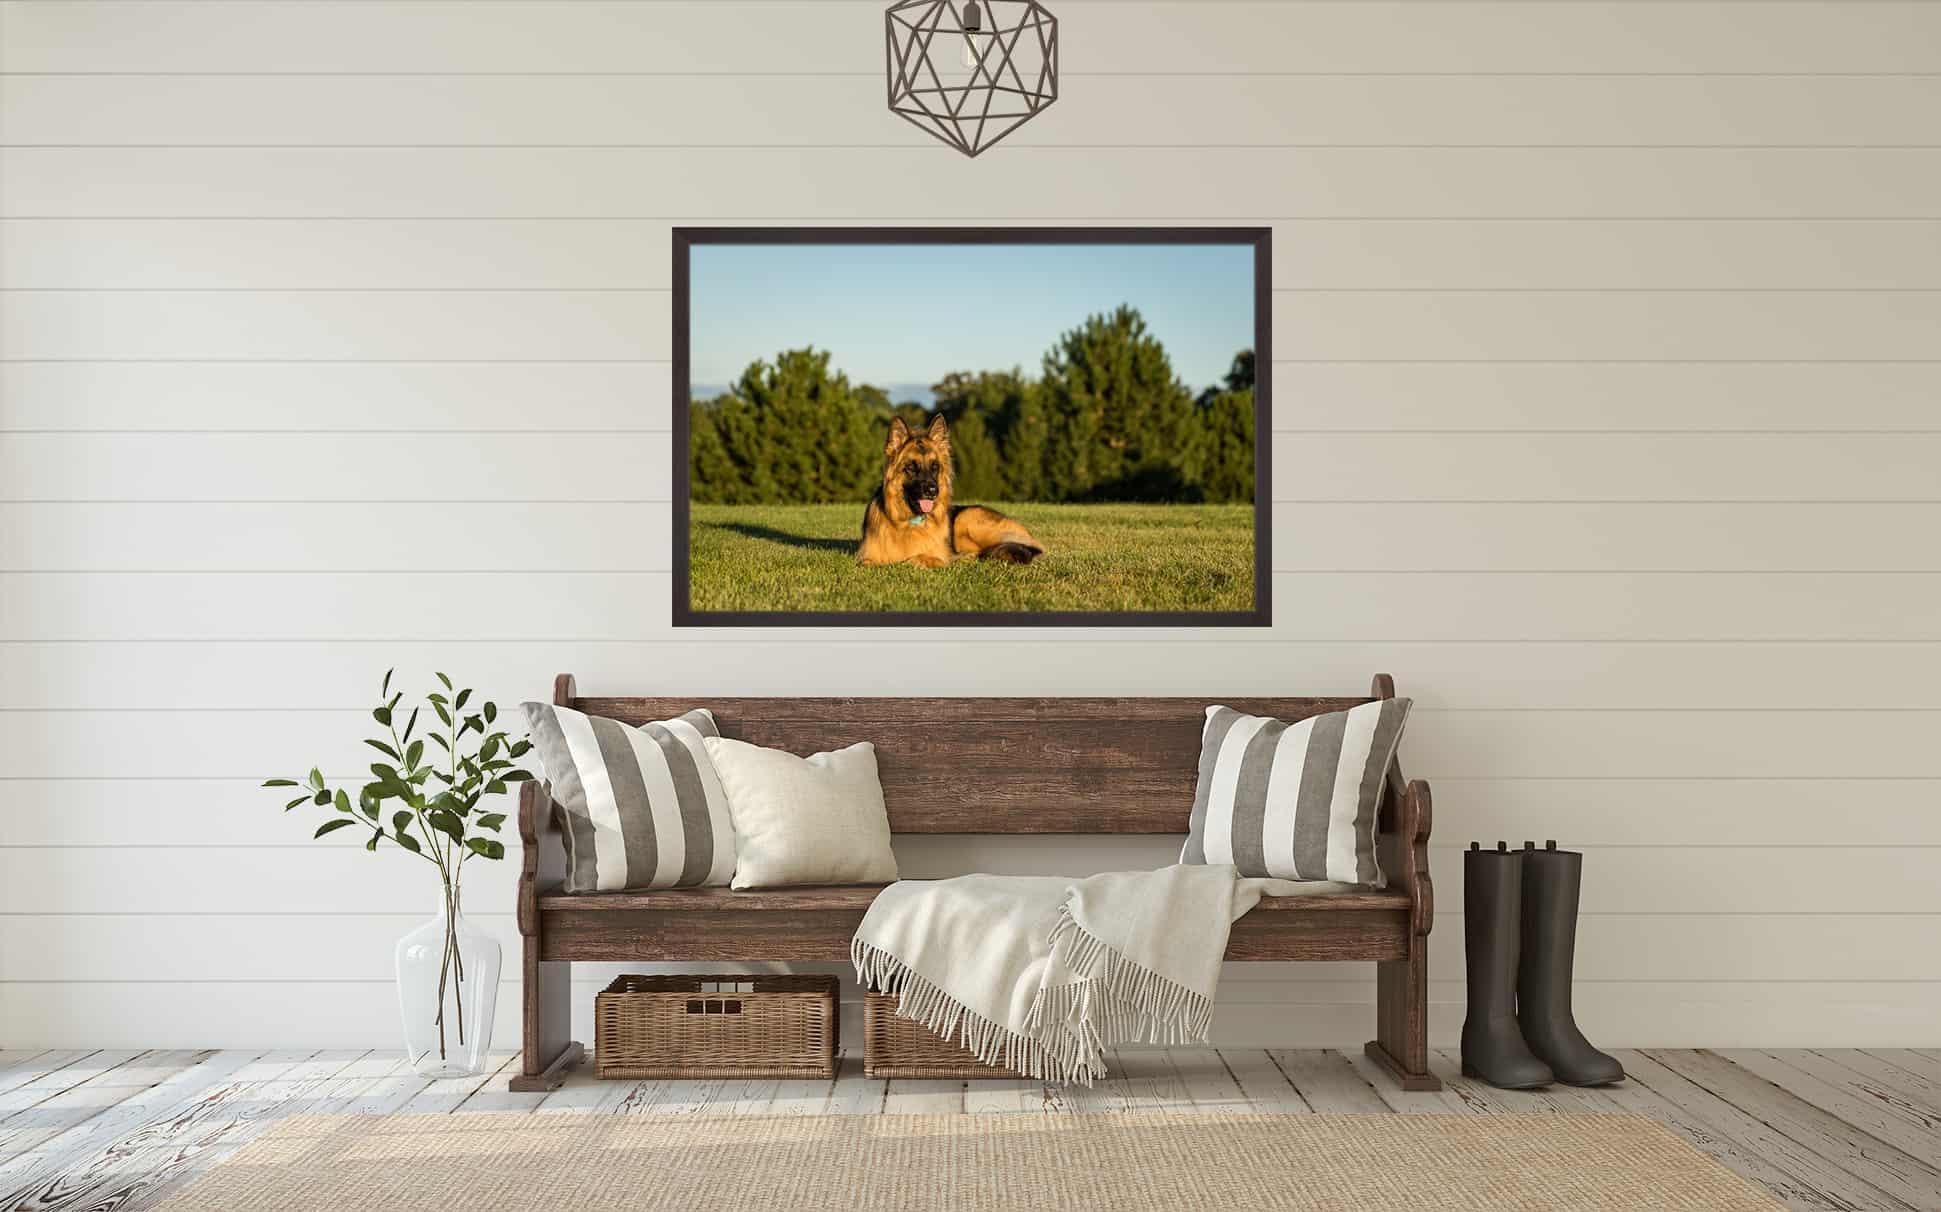 Framed Print of German Shepherd Dog in Home Entryway